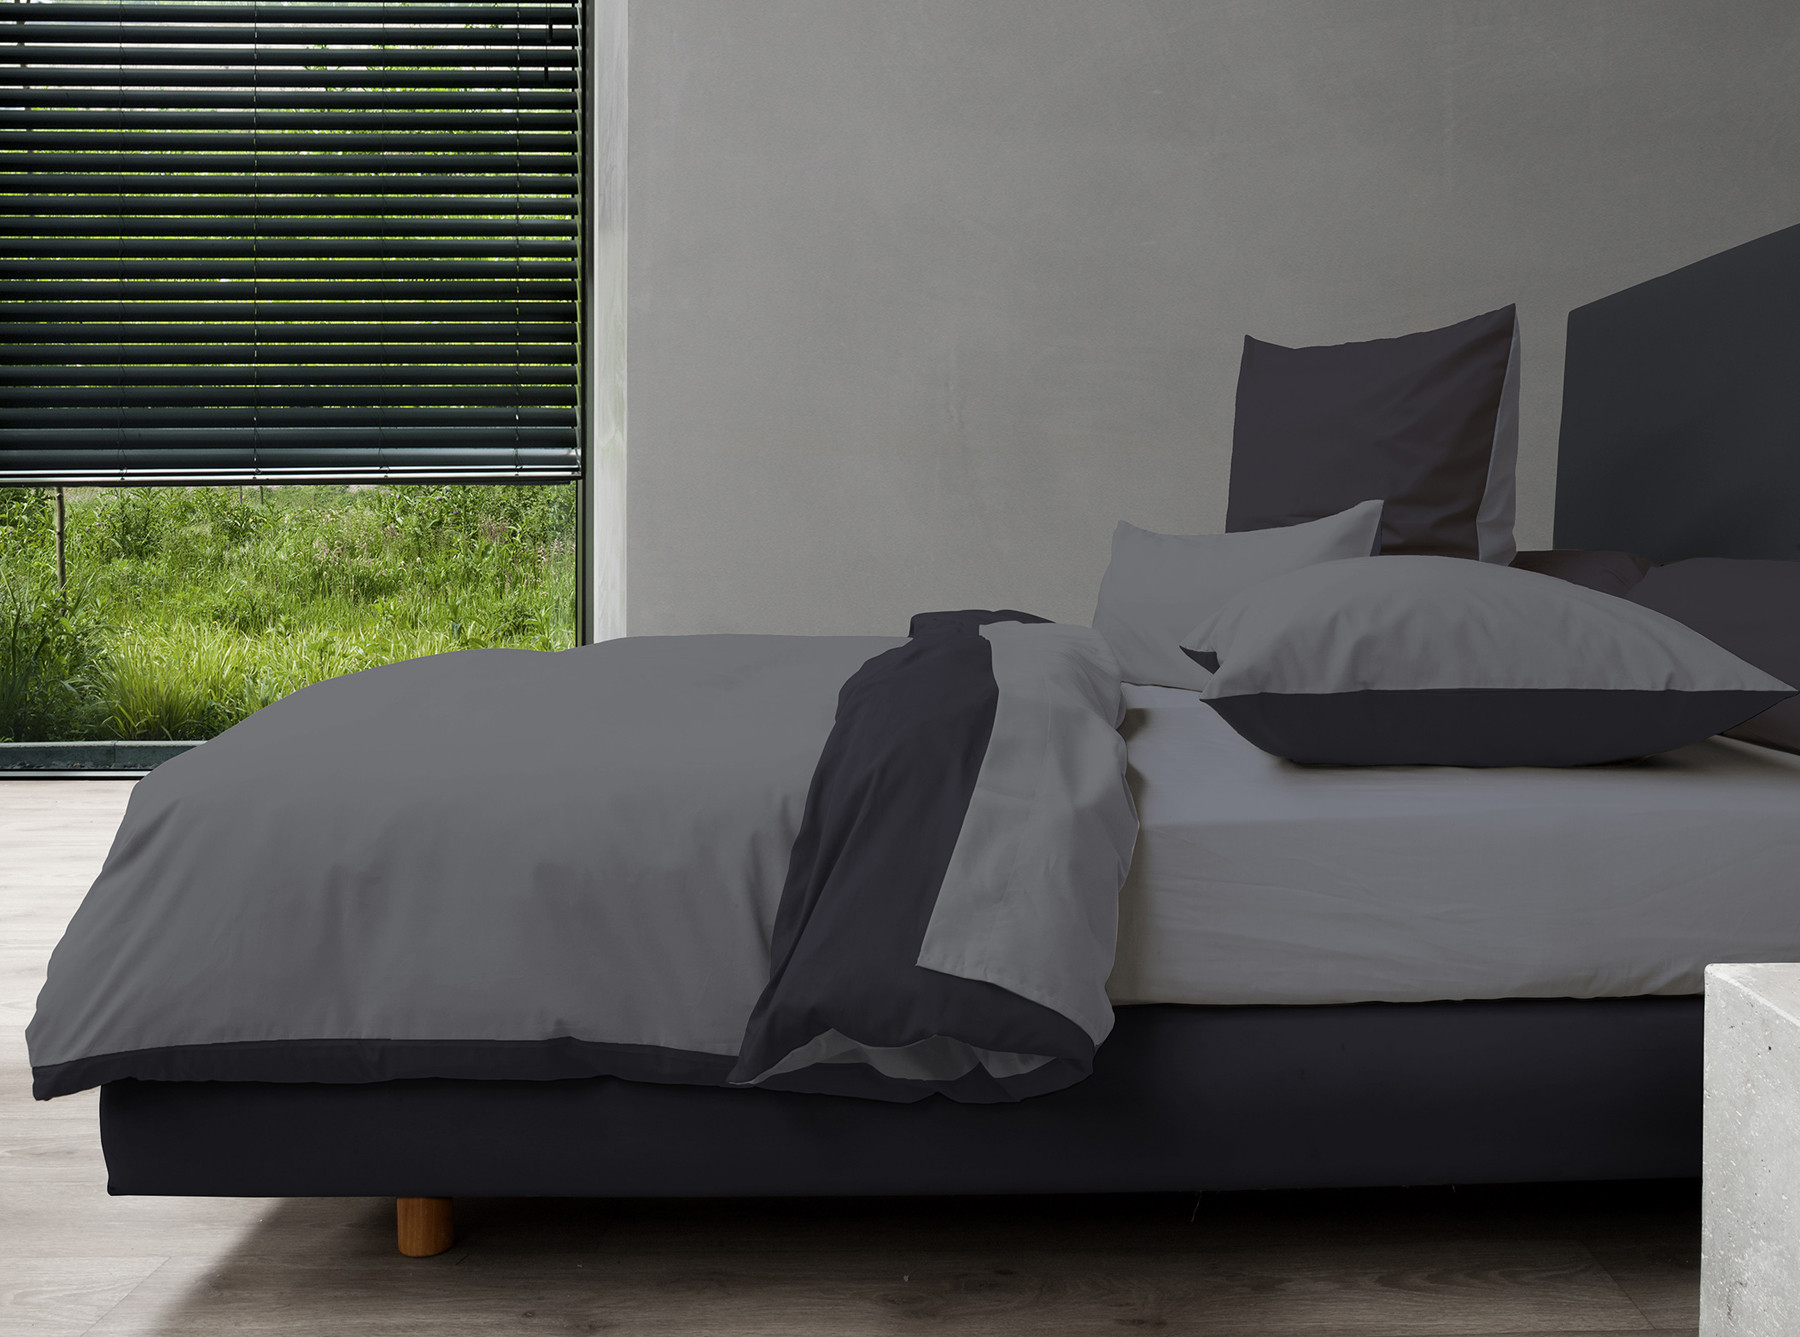 hnl perkal bettw sche wendeoptik in grau schwarz 135x200. Black Bedroom Furniture Sets. Home Design Ideas